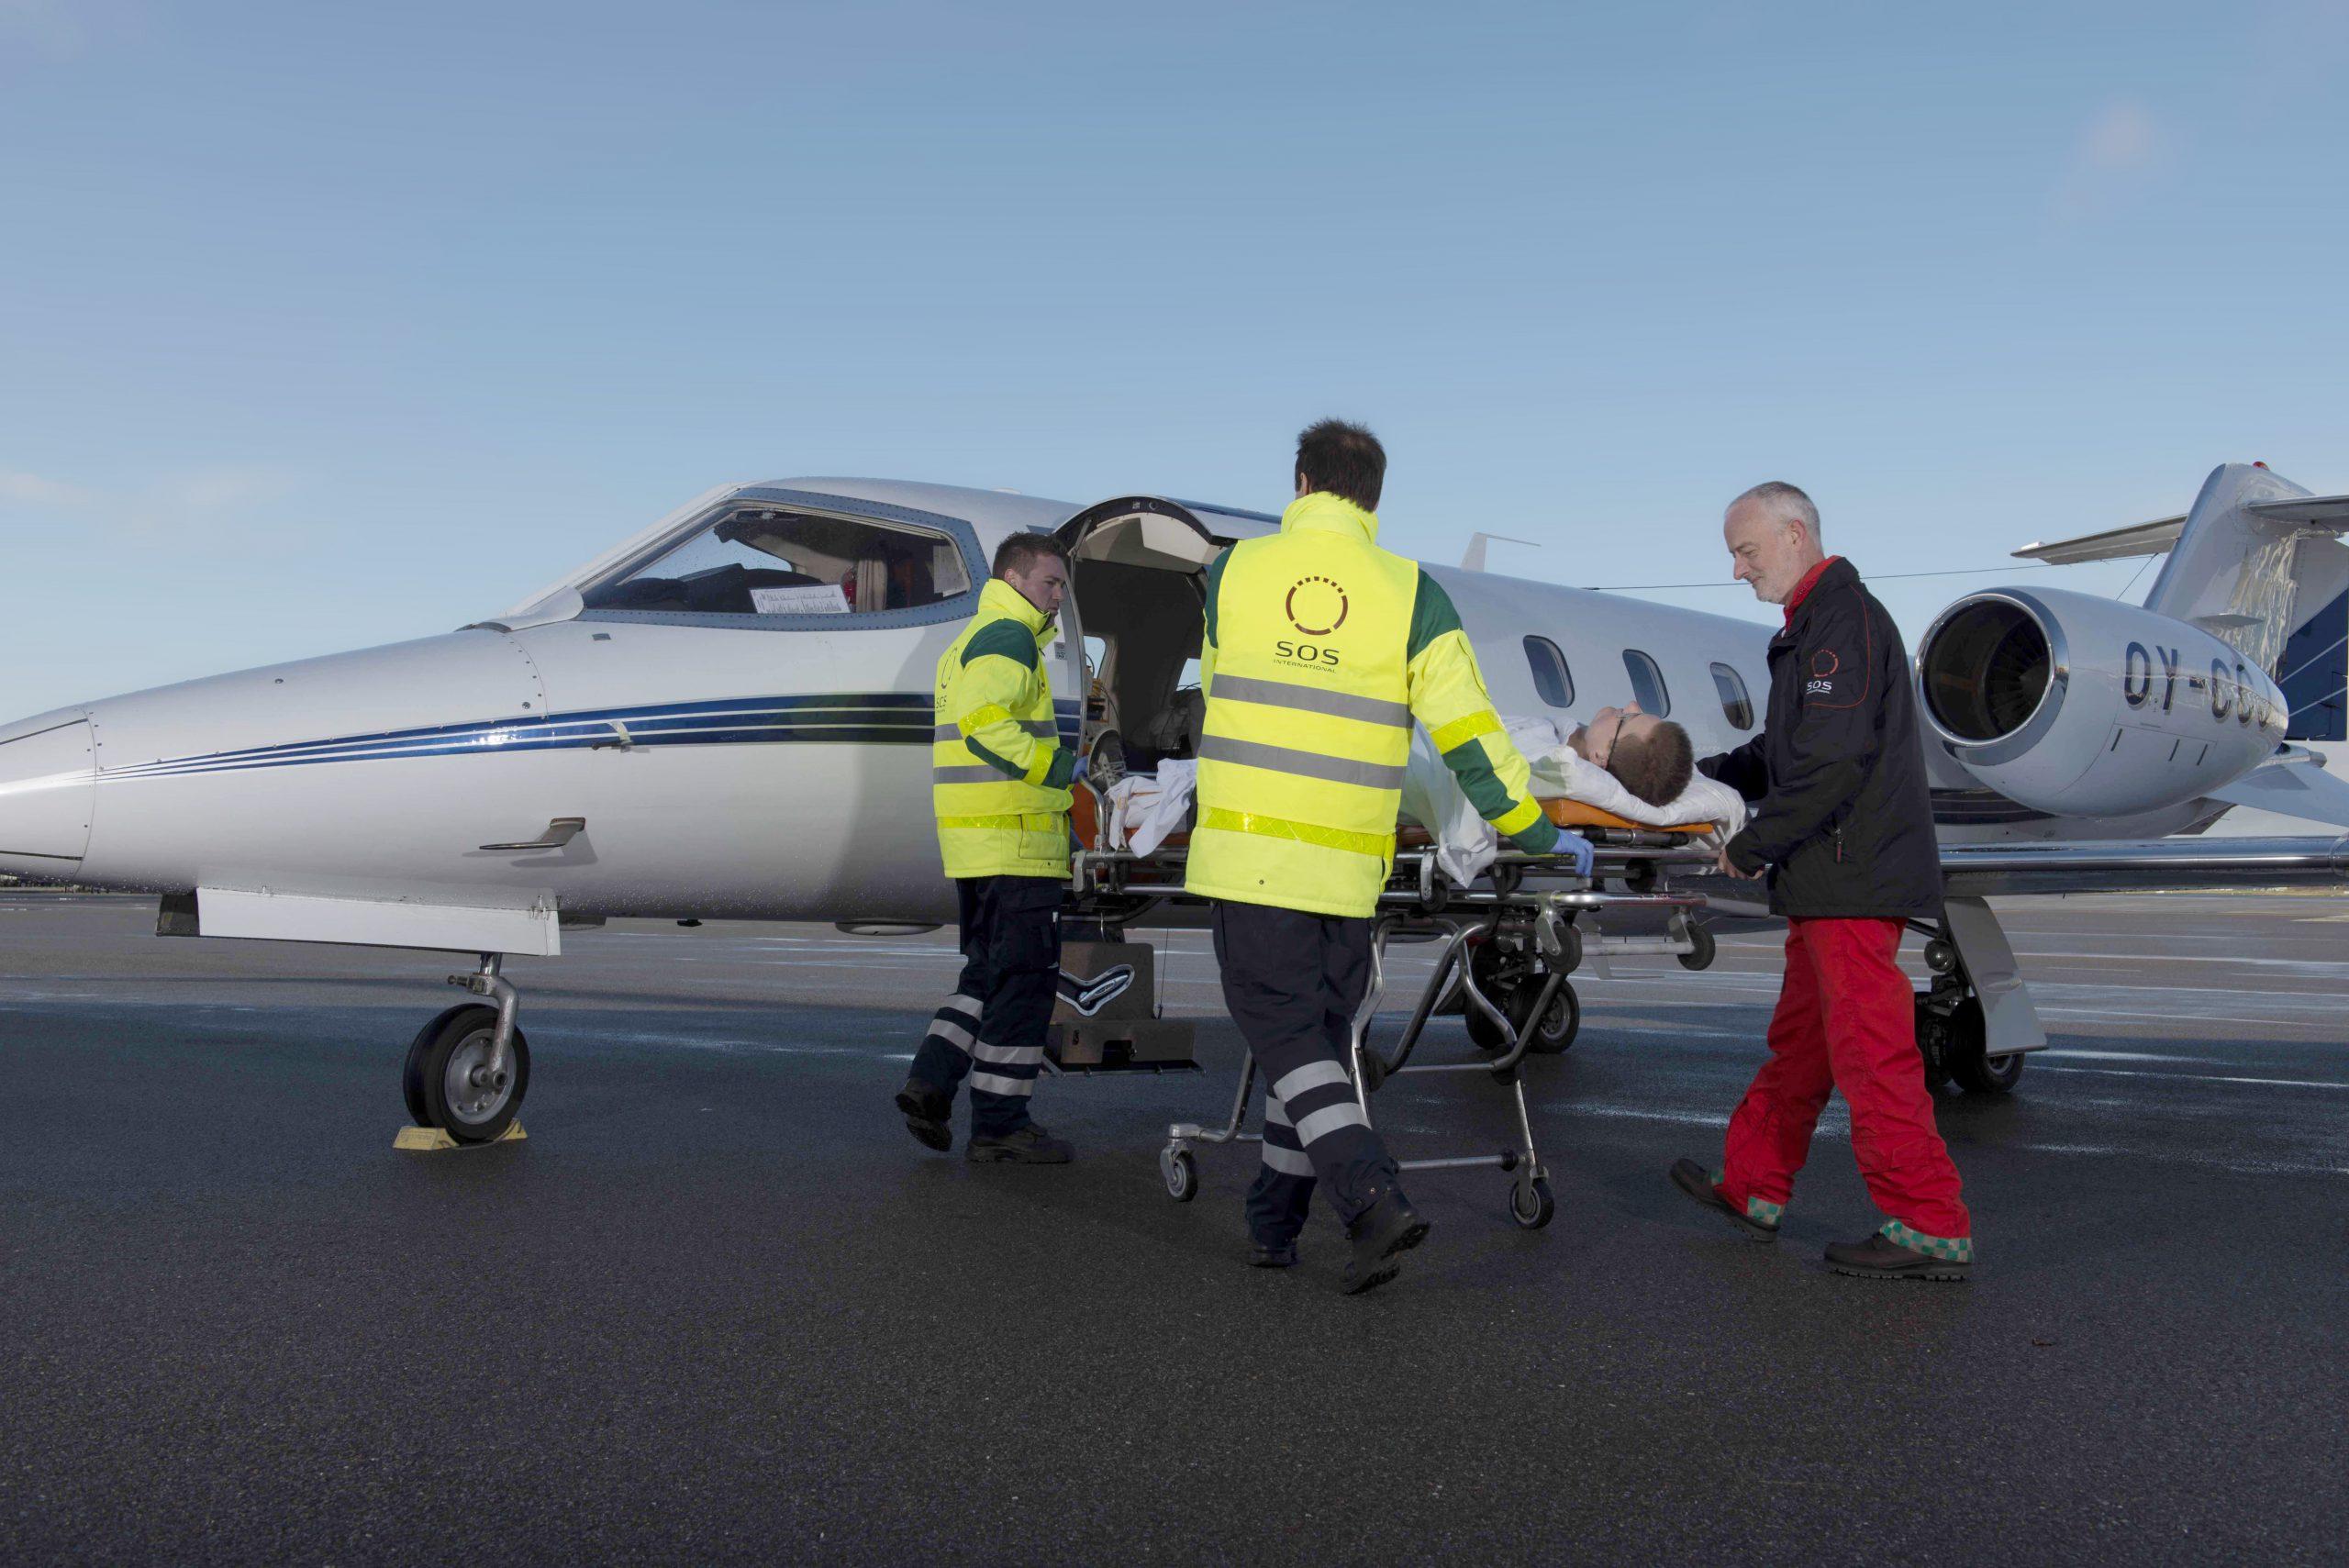 Alarmcentralen SOS International håndterer i et normalt år omkring 200.000 skadesager, fra det helt banale til komplicerede hjemtransporter med ambulancefly. Arkivpressefoto fra SOS International.